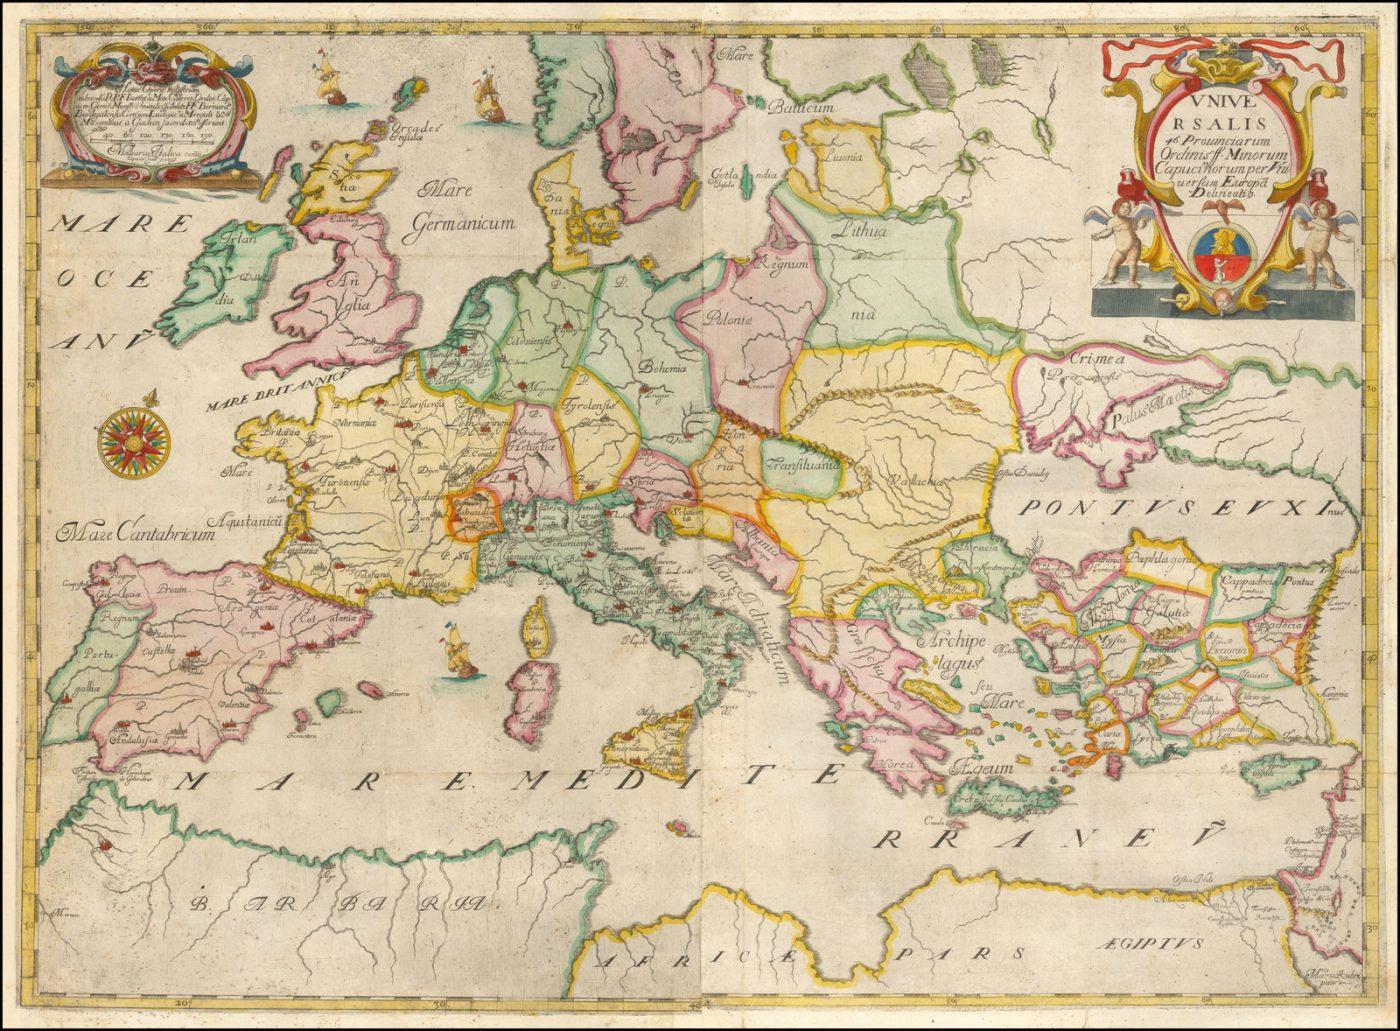 Редкая карта Европы, опубликованная в Атласе провинций Капуцинов, изданном Монтекалерио